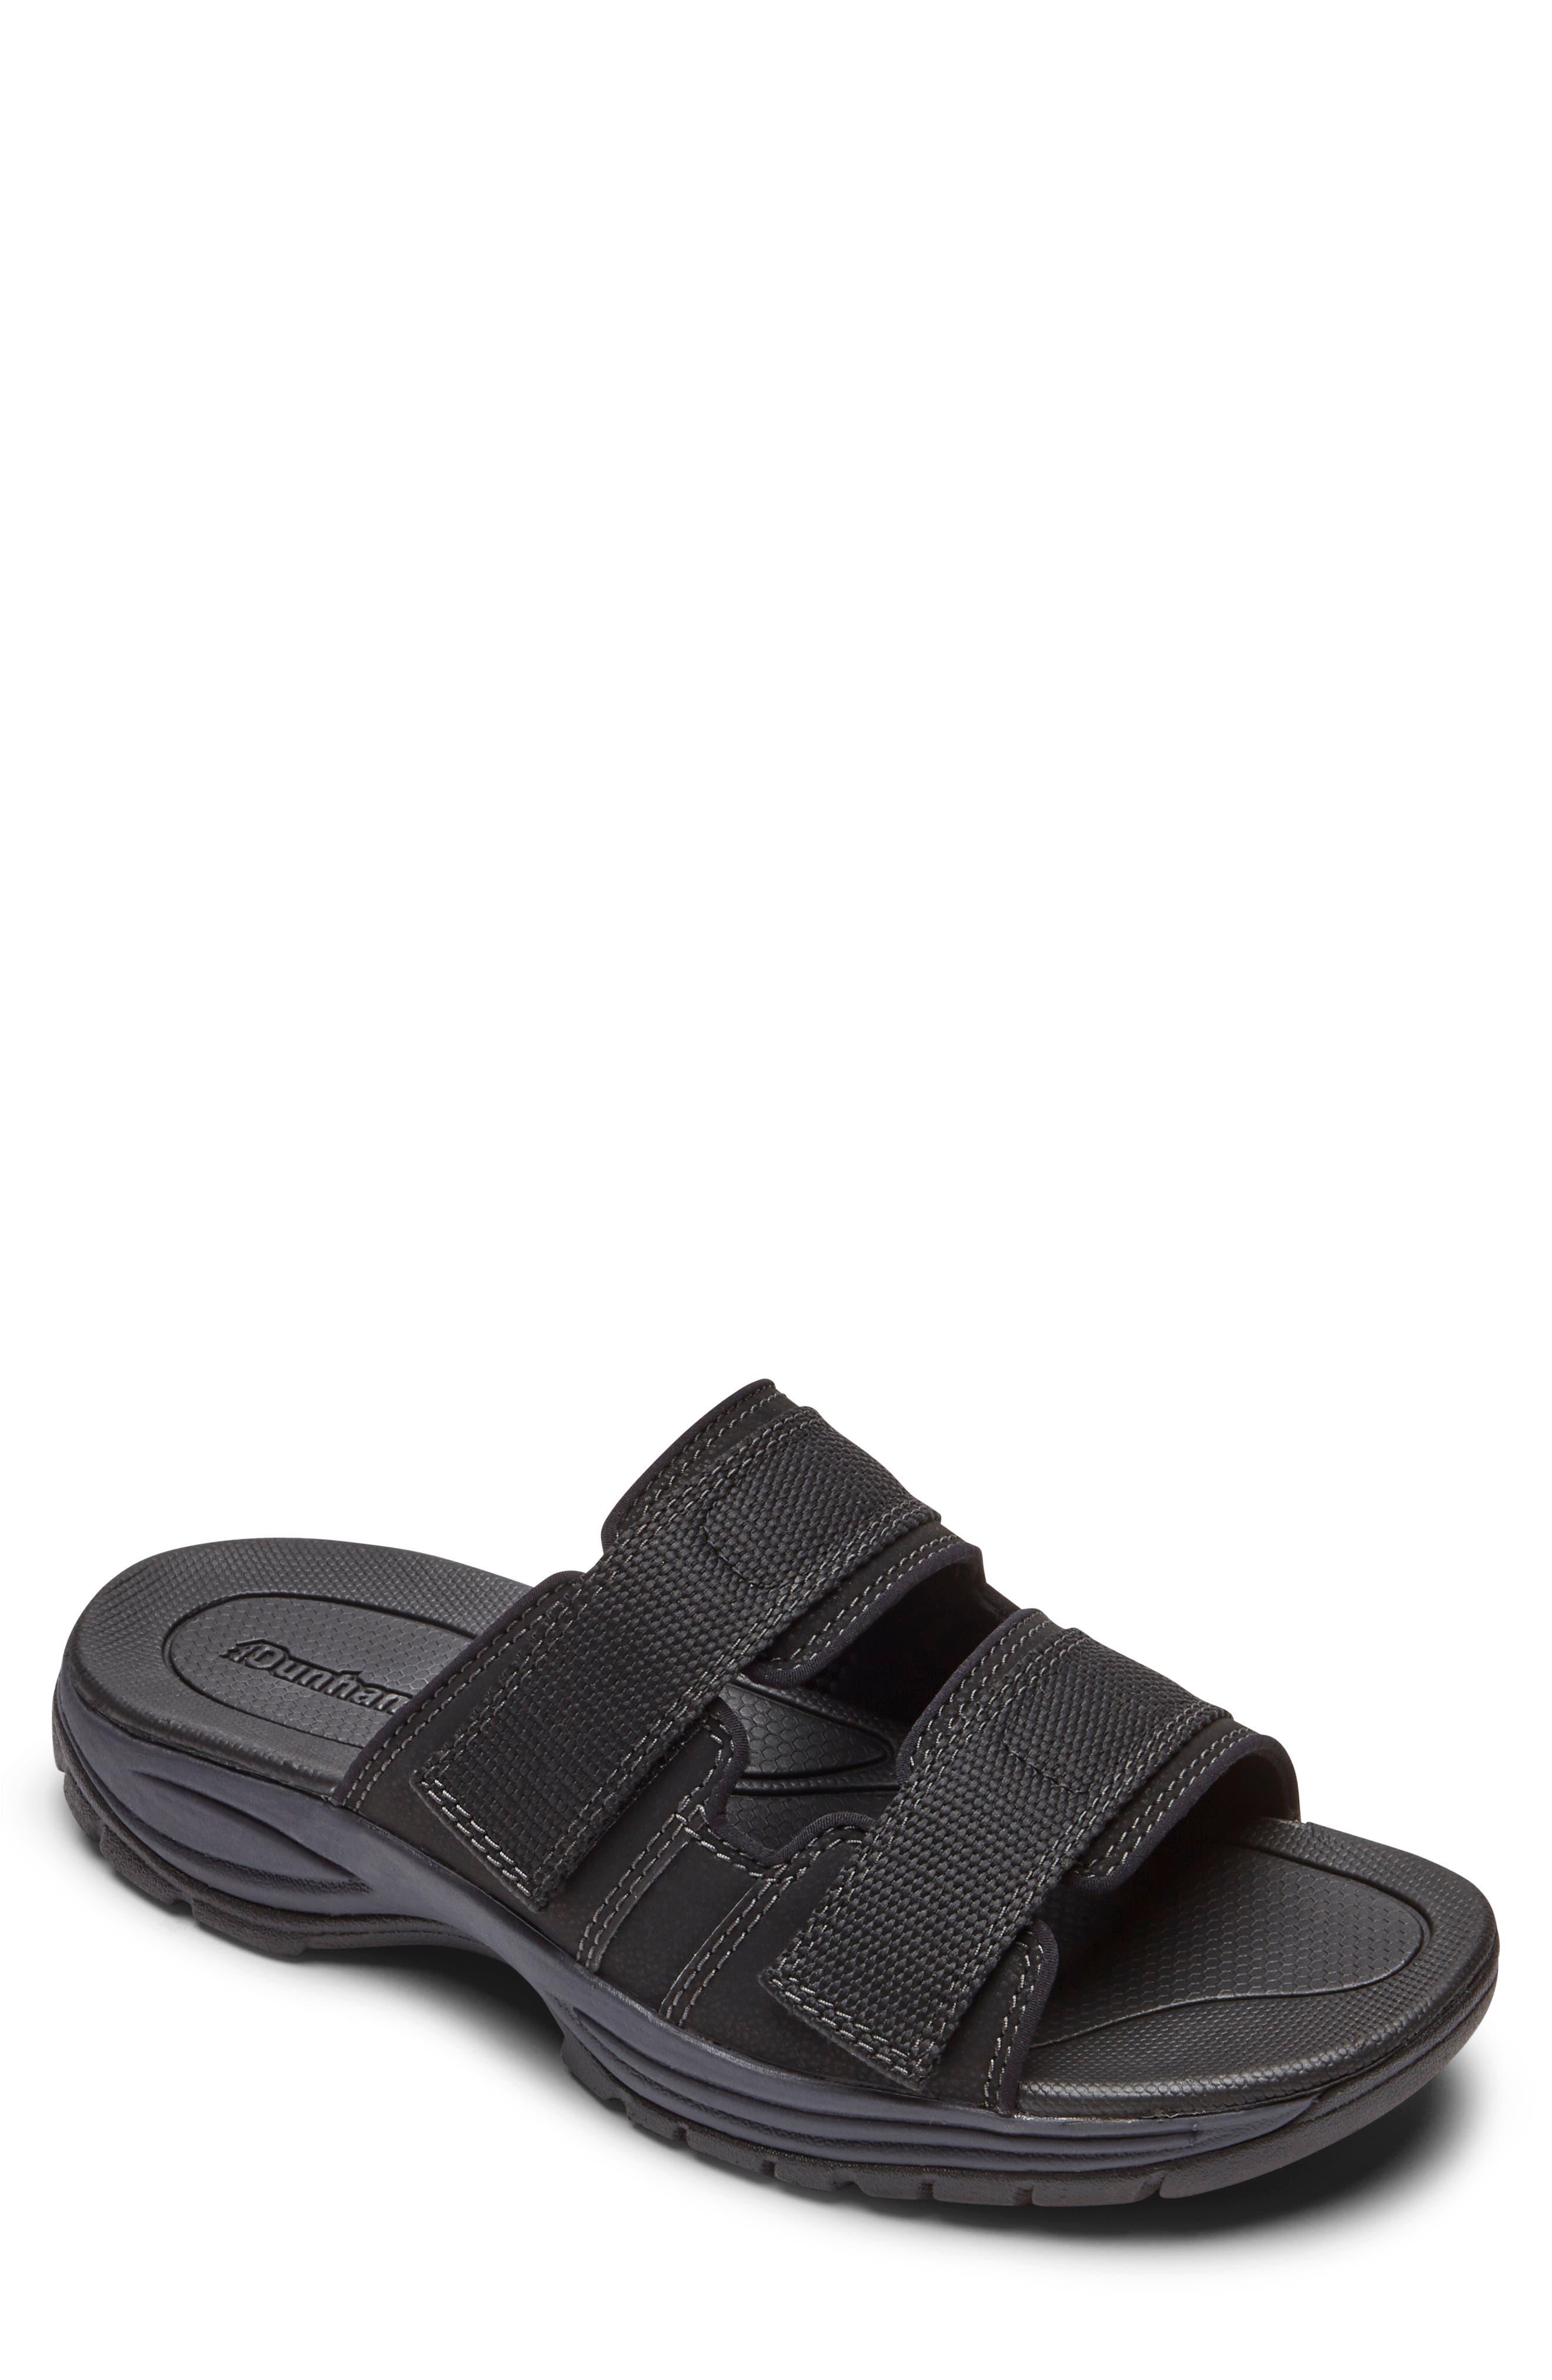 Newport Slide Sandal